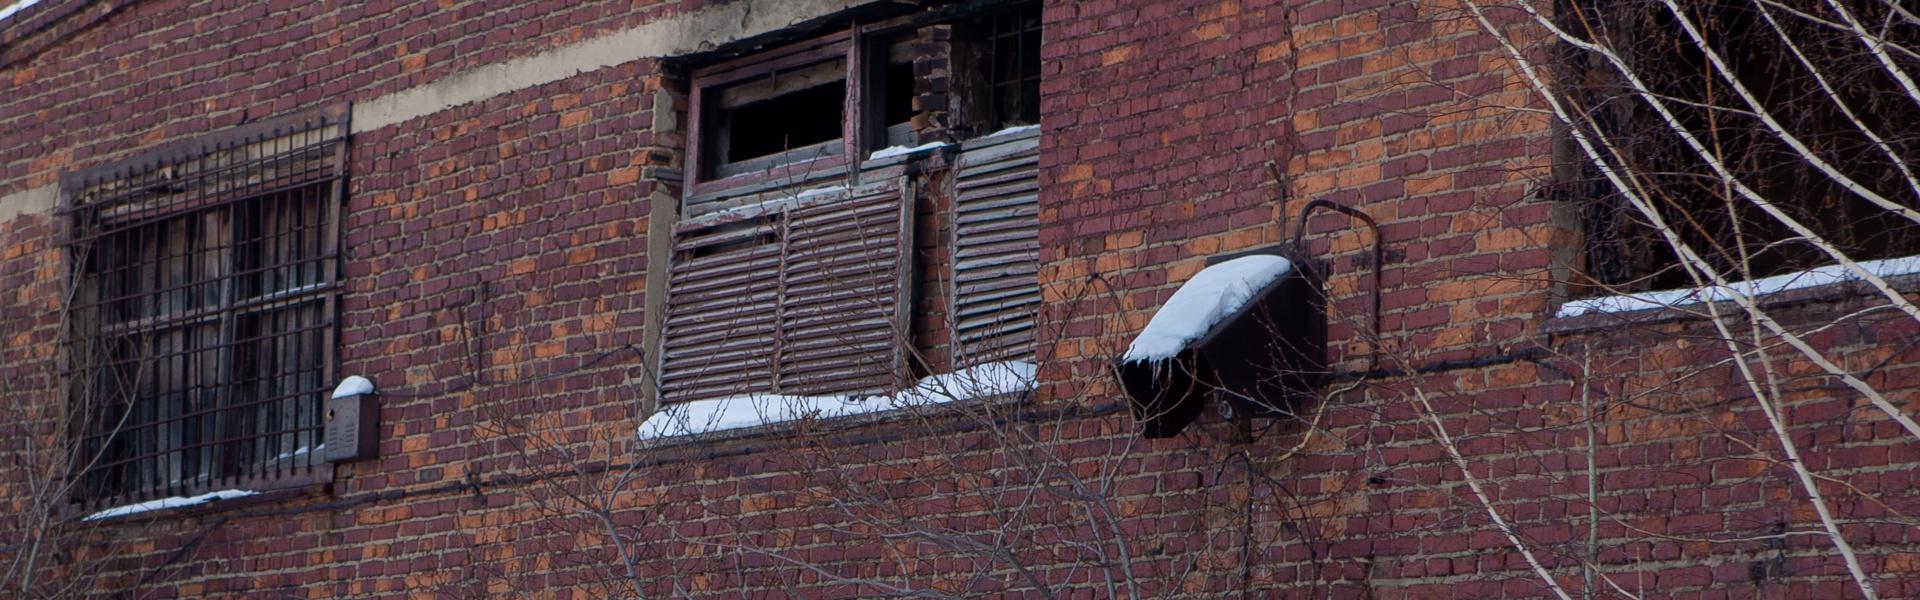 «Люди не должны думать, что живут на пороховой бочке». Власти обсудили проблемы «Усольехимпрома»